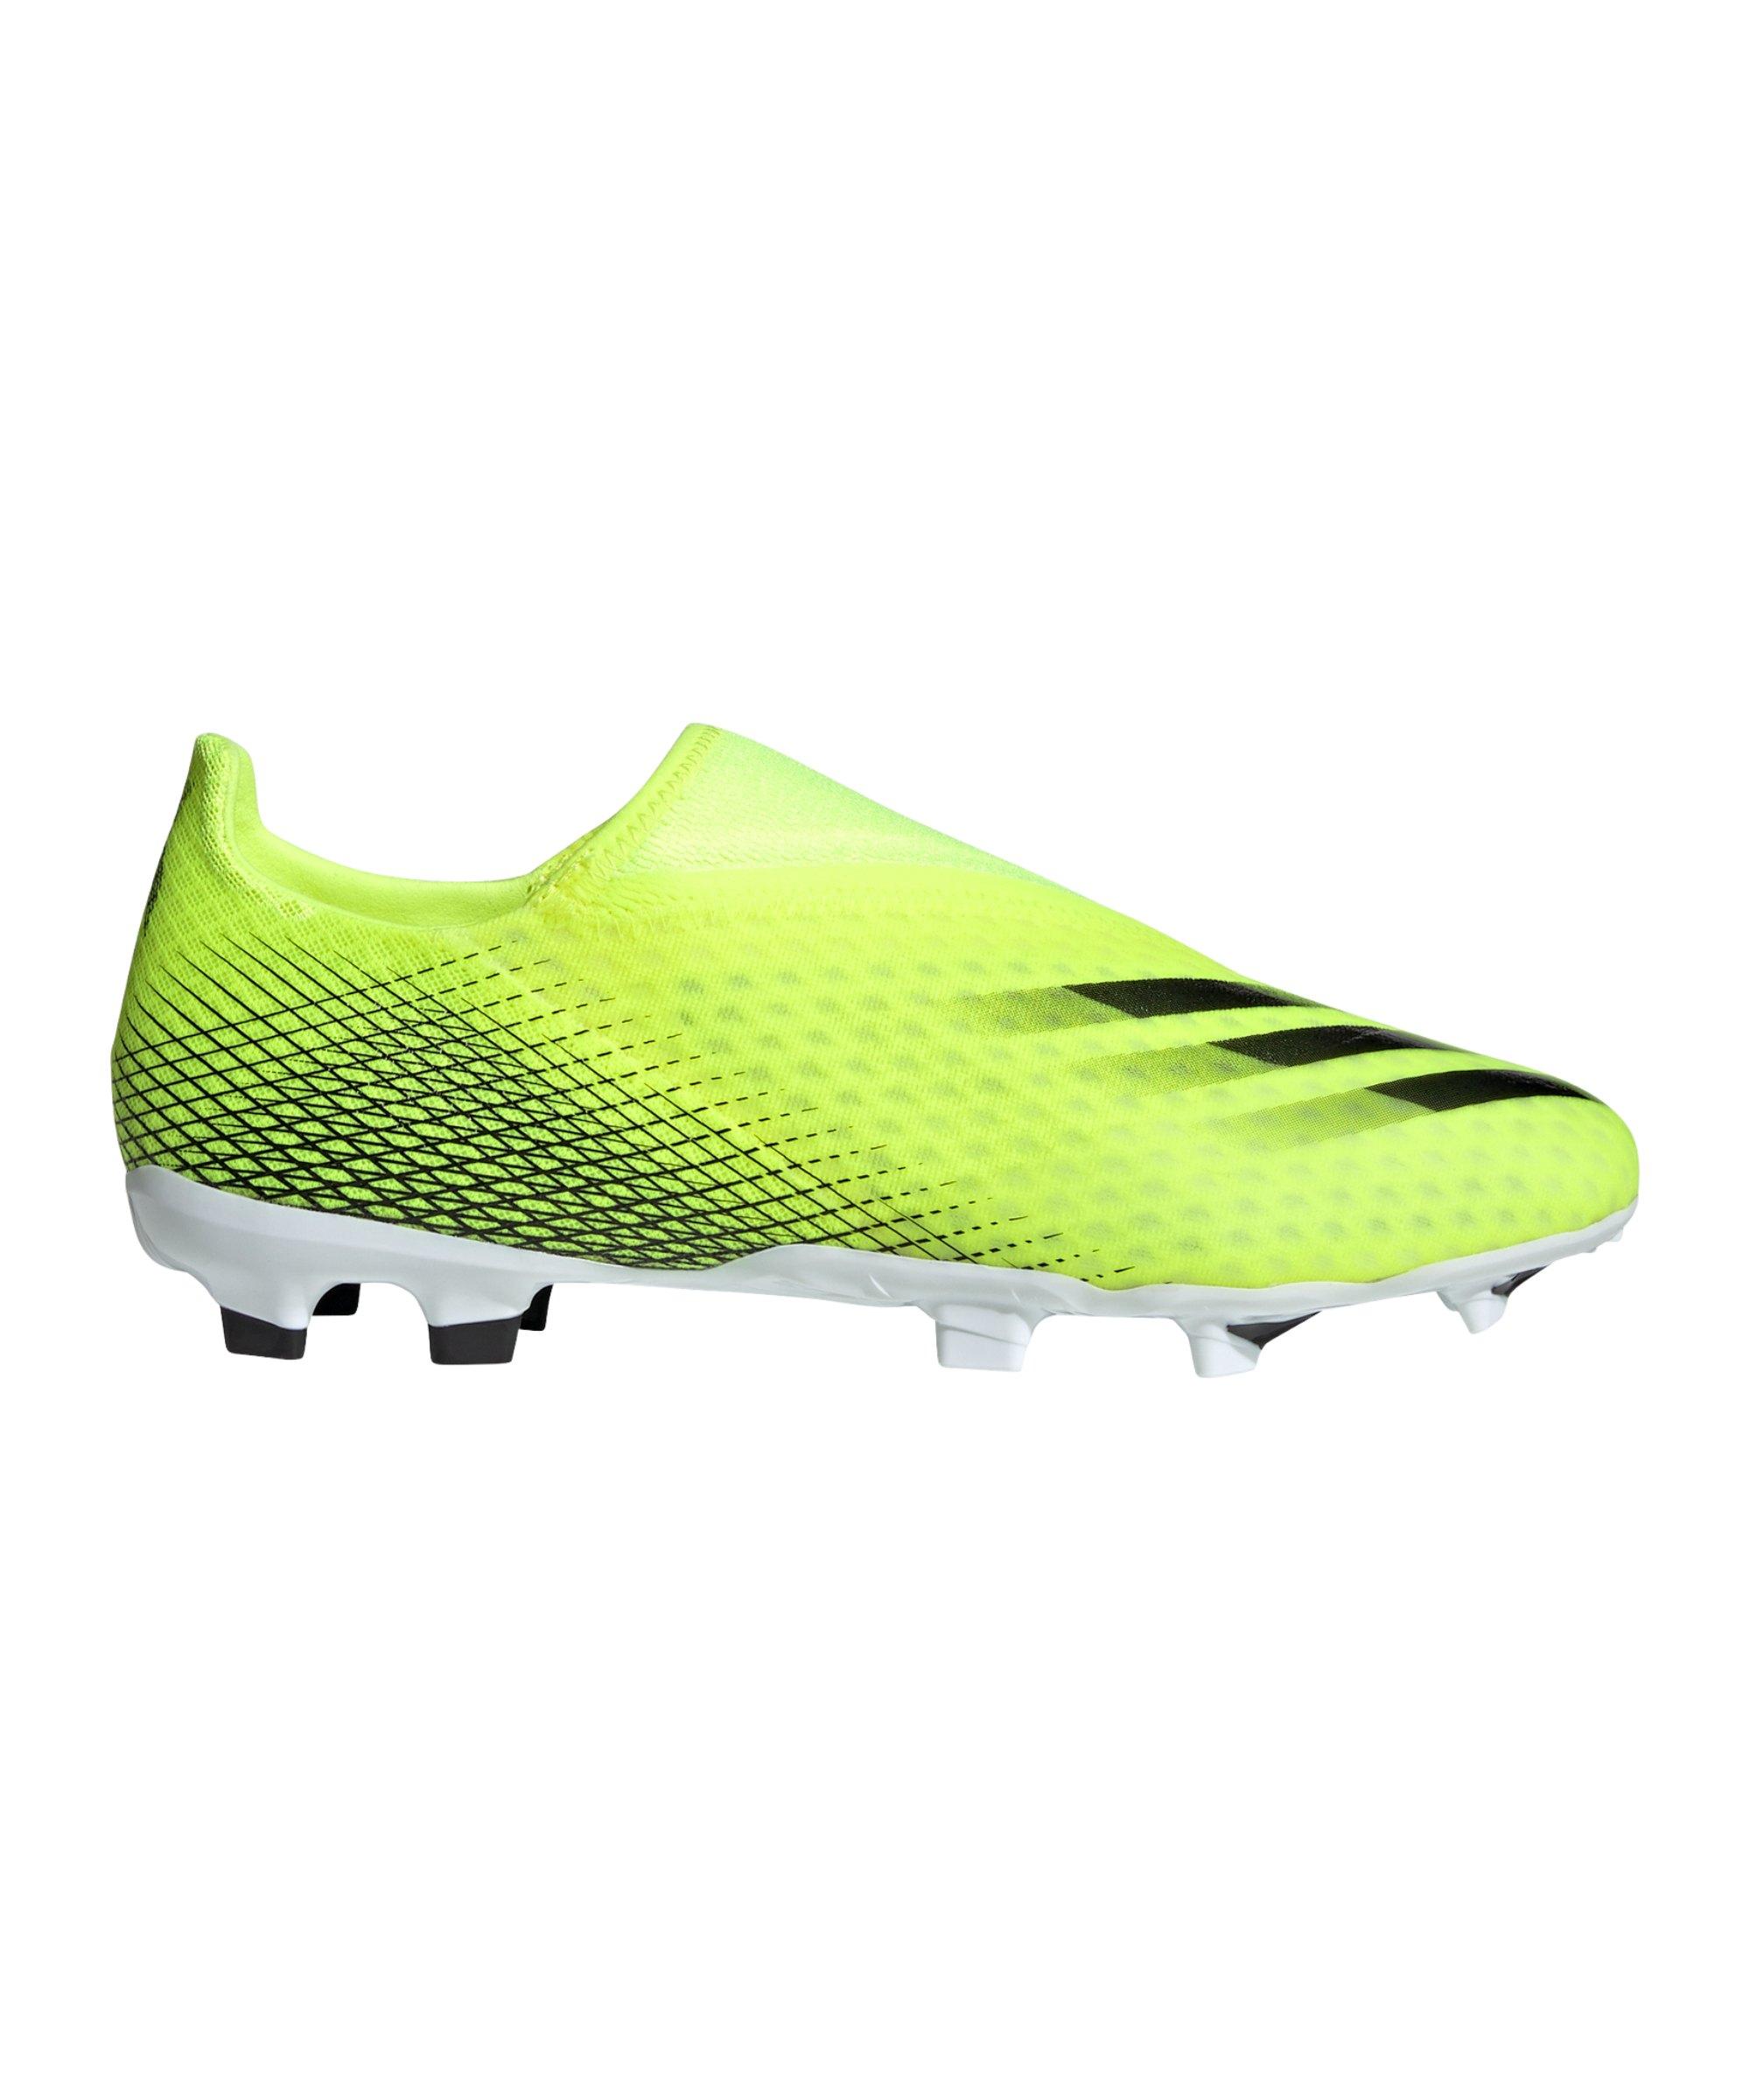 adidas X GHOSTED.3 LL FG Superlative Gelb Schwarz - gelb